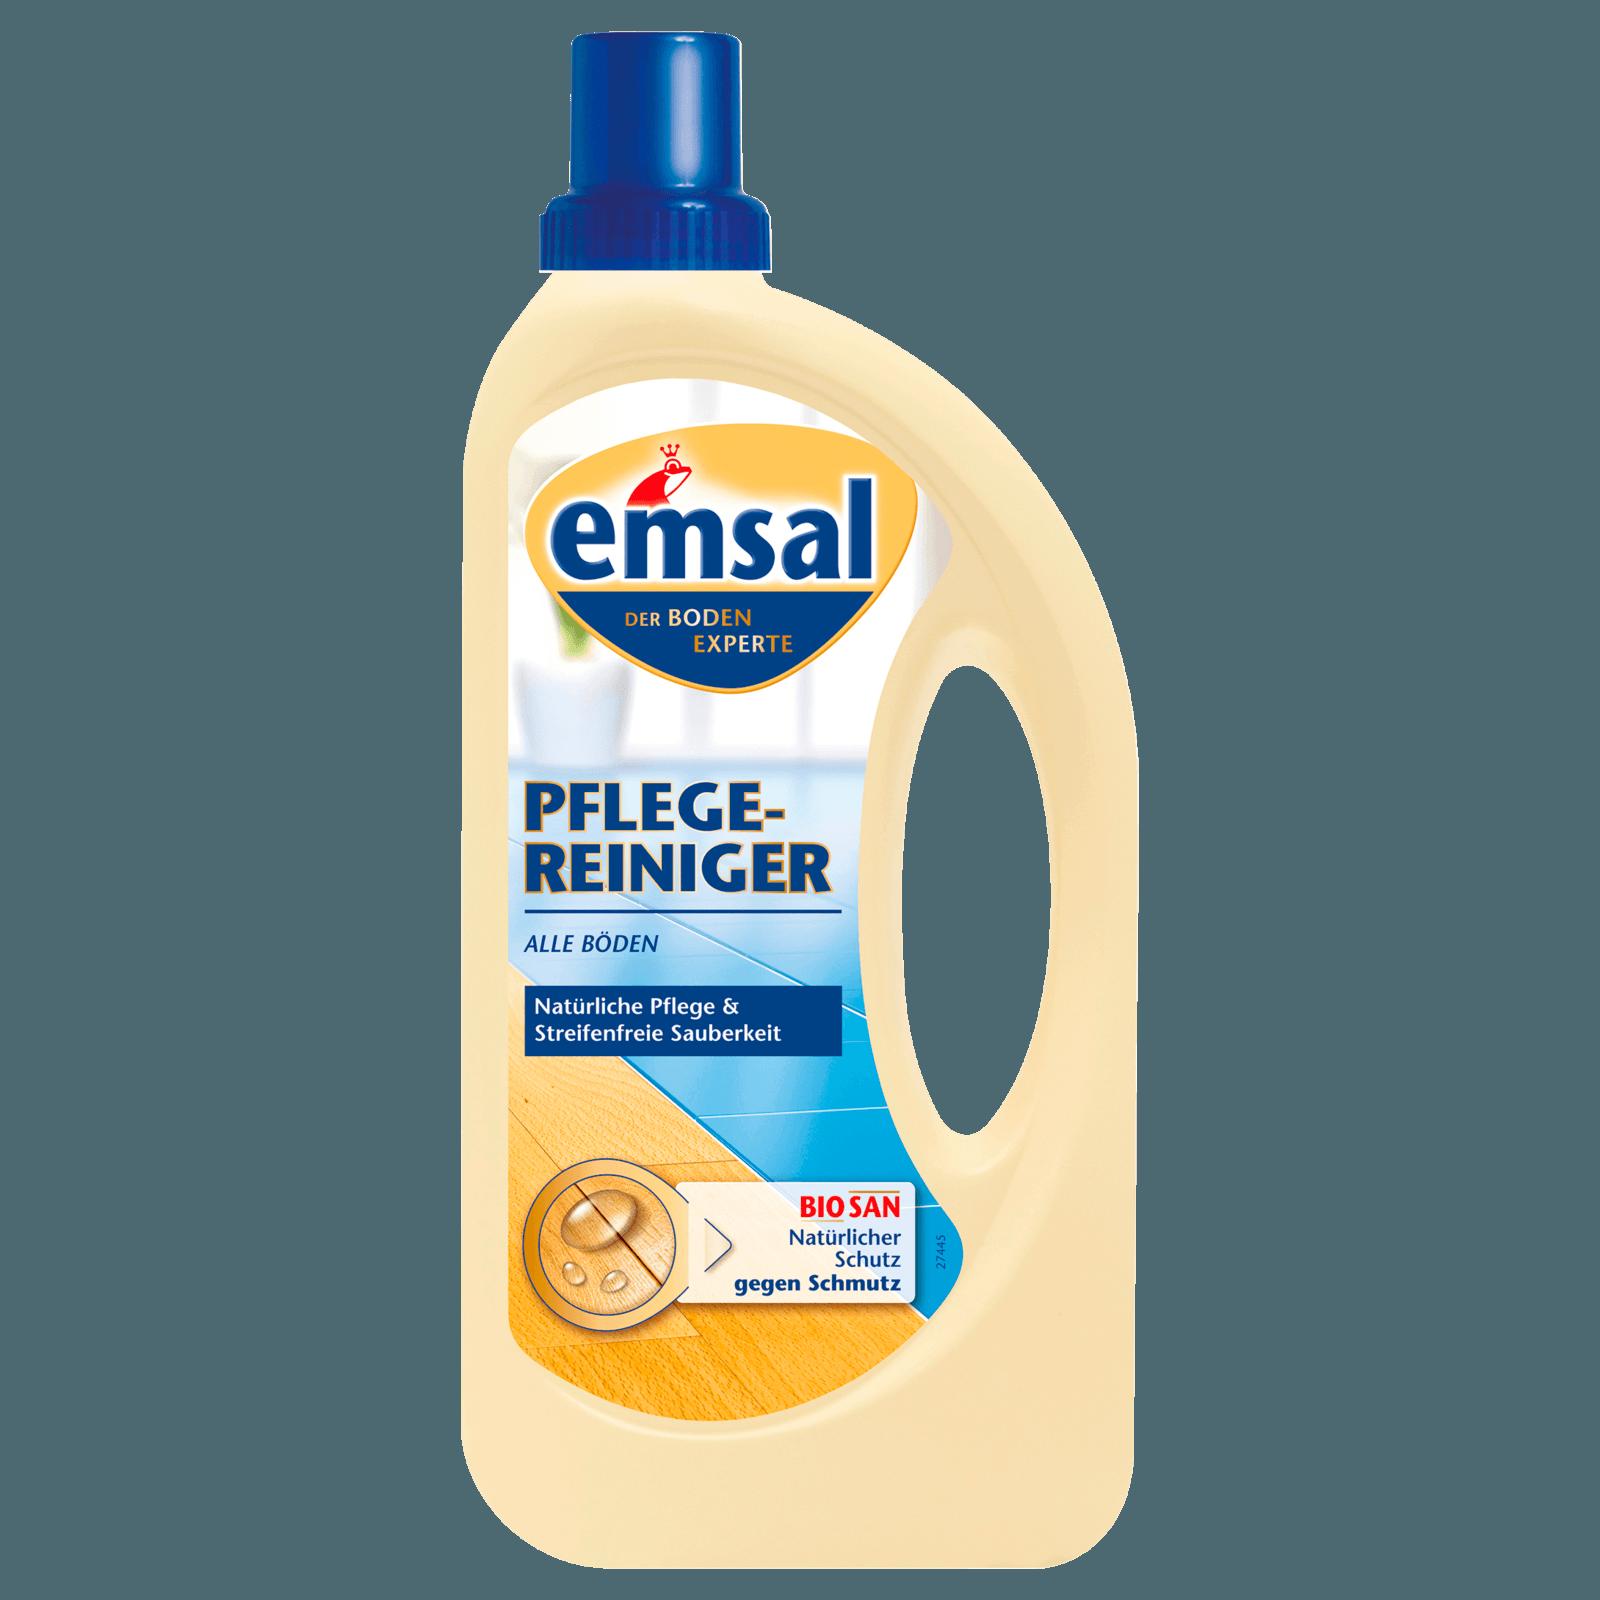 Emsal Pflege-Reiniger alle Böden 1l